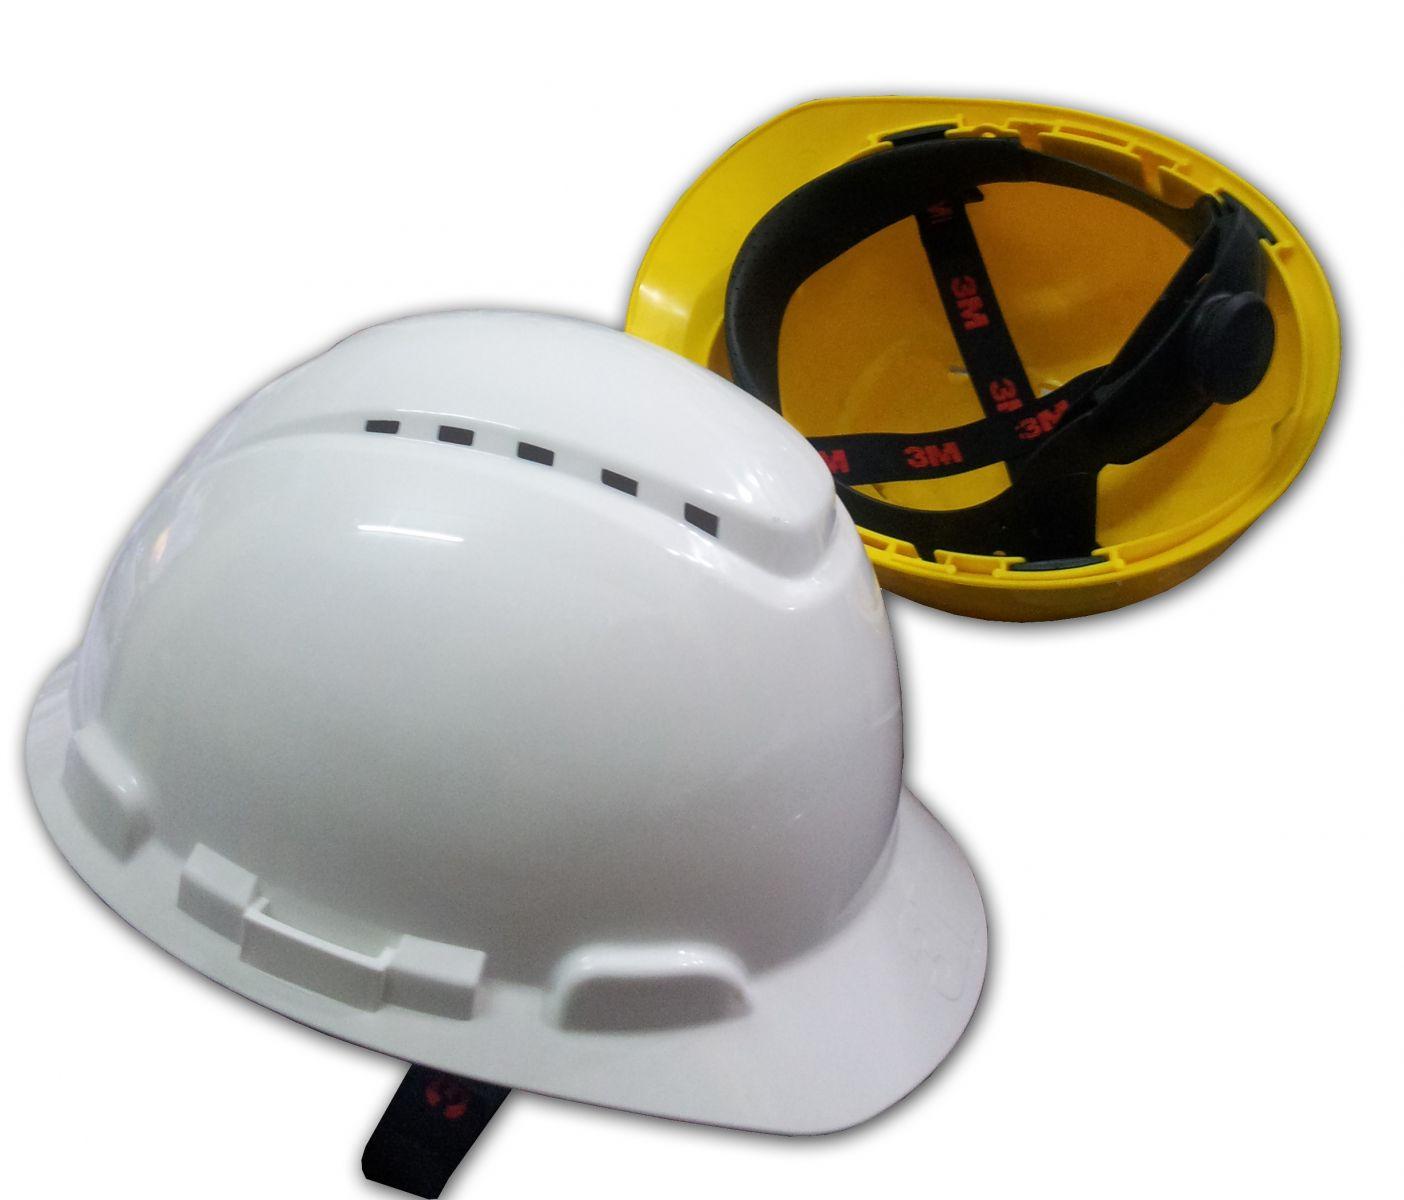 Bạn nên tìm kiếm địa chỉ uy tín để mua mũ bảo hộ lao động chất lượng nhất cho mình